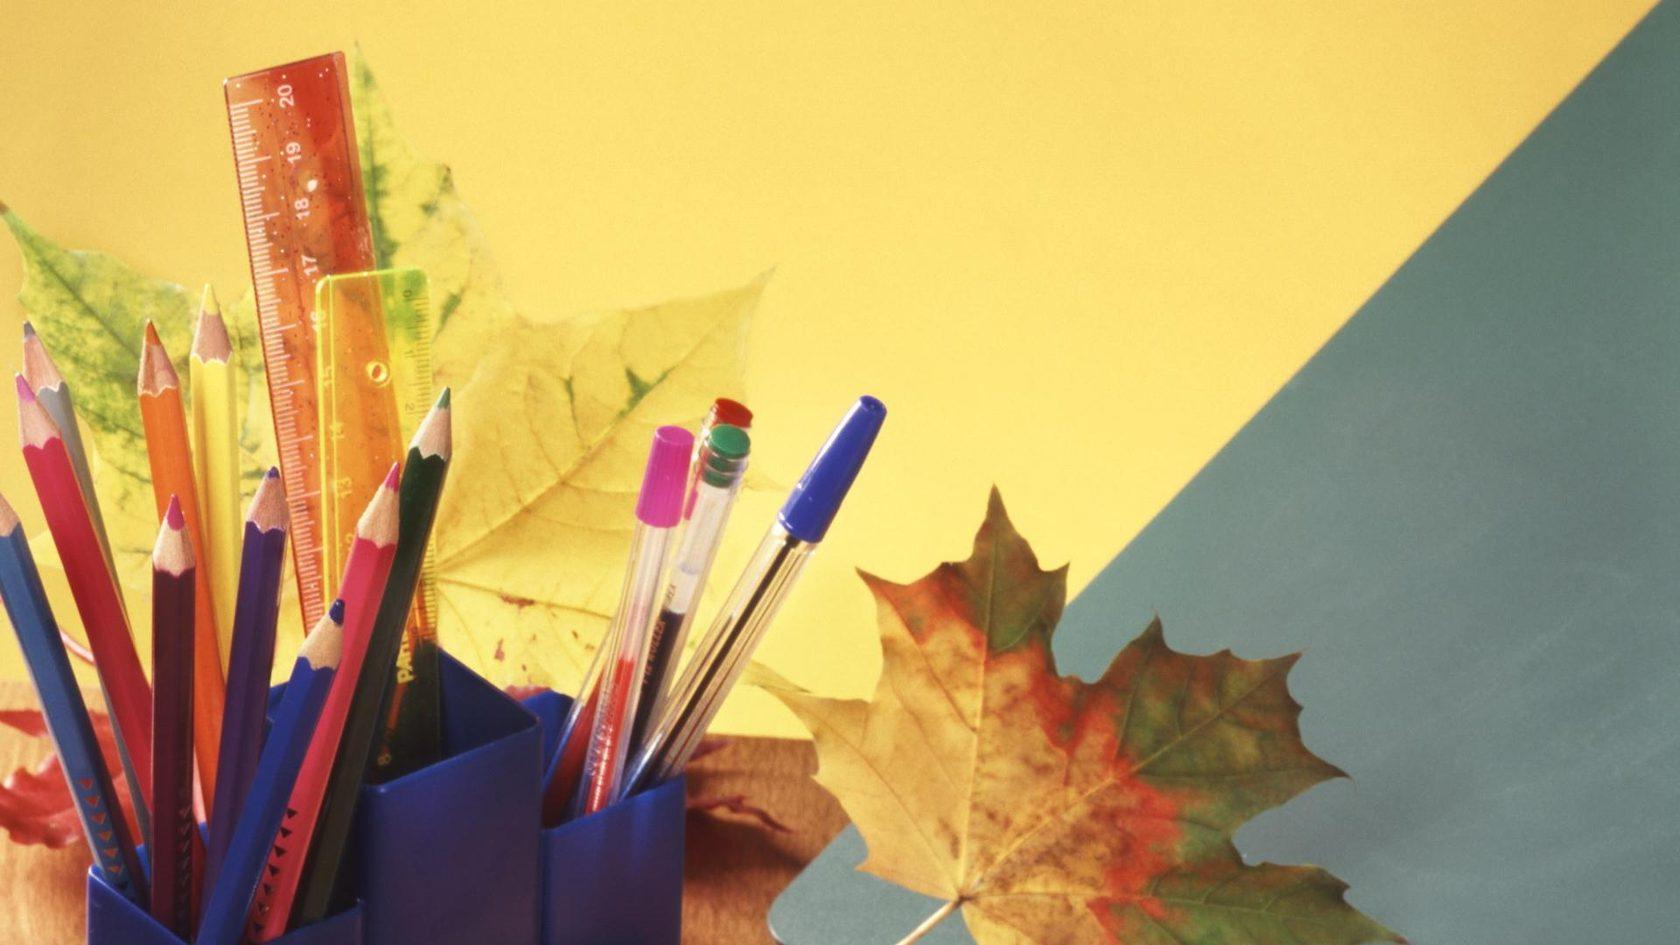 Зимнего, картинки к новому учебному году для школы